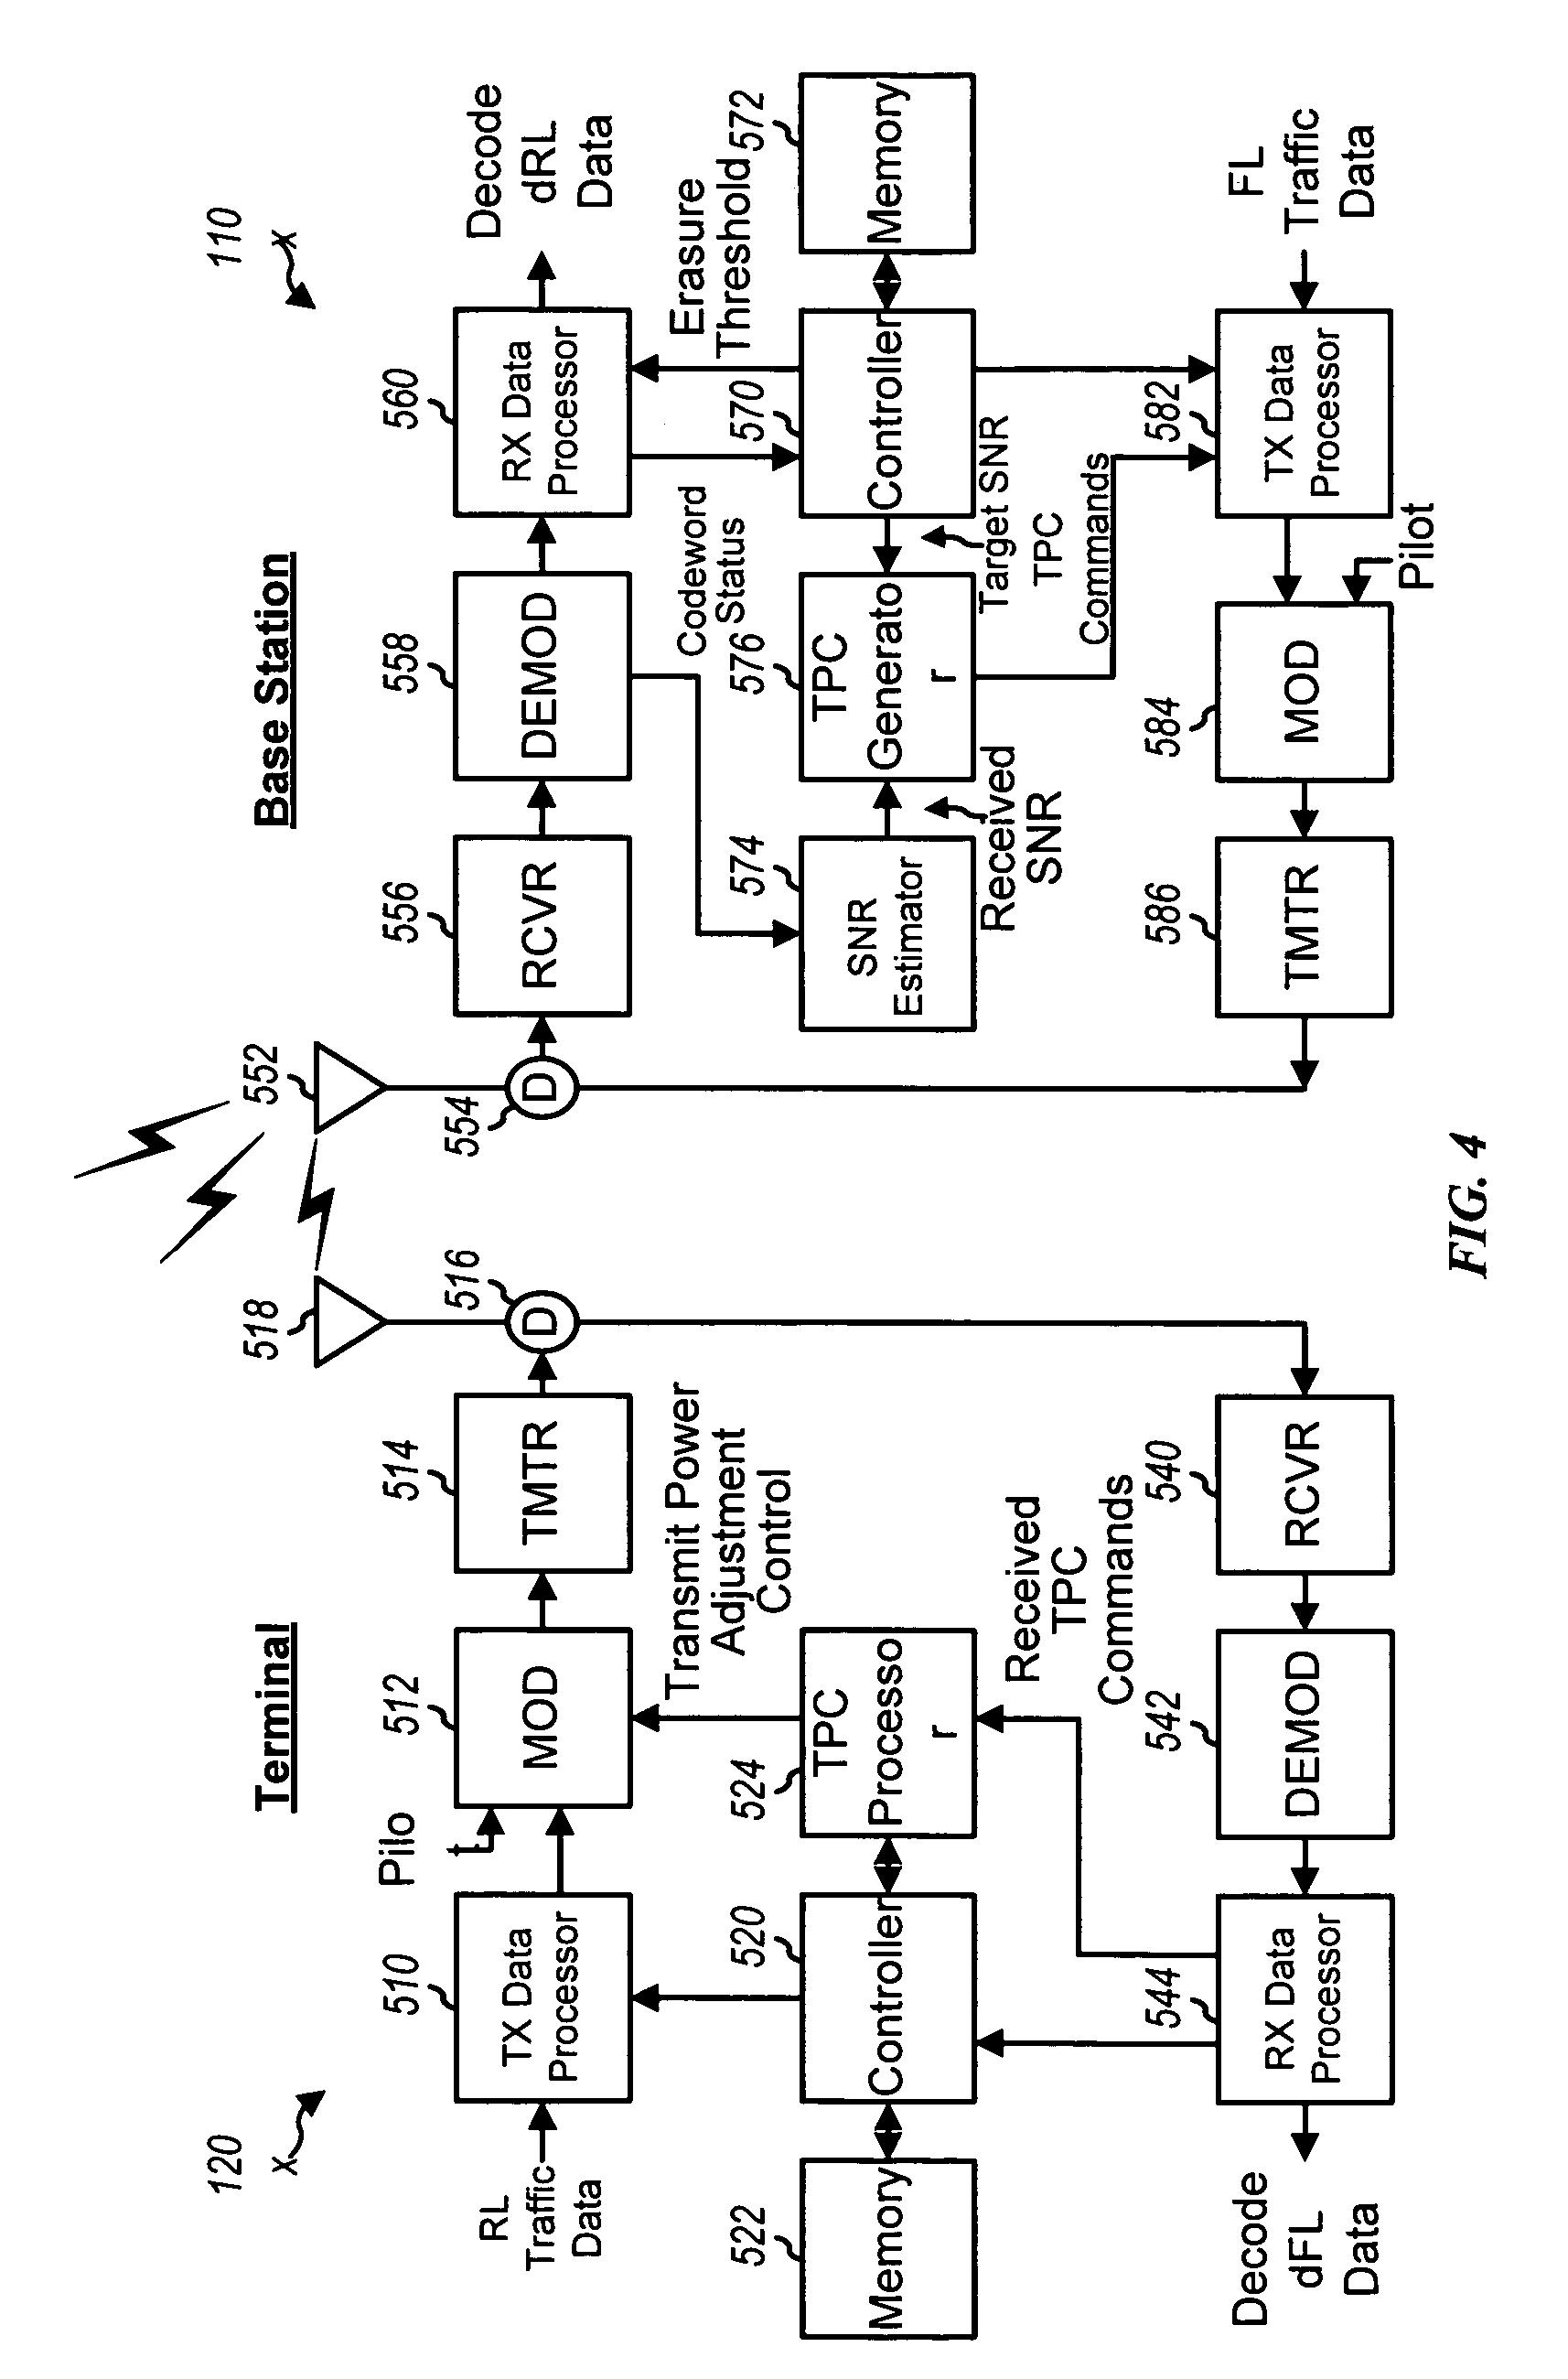 patent us20060002346